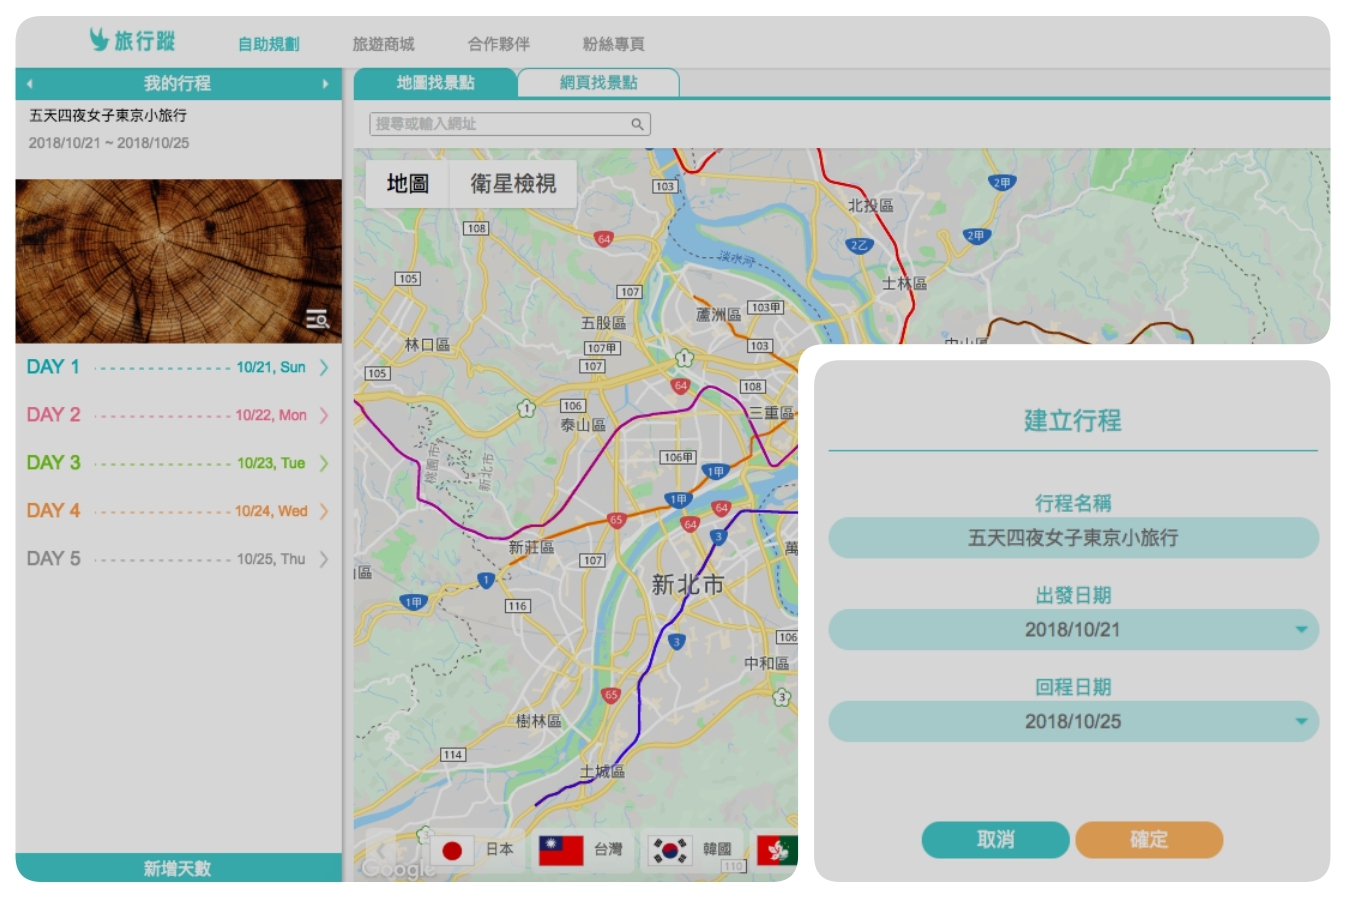 [分享]旅行蹤 TripPacker~快速新增排序行程.快速算出日本地鐵換乘路線與周遊券.自動計算抵達時間與時刻表快速查詢 @VIVIYU小世界